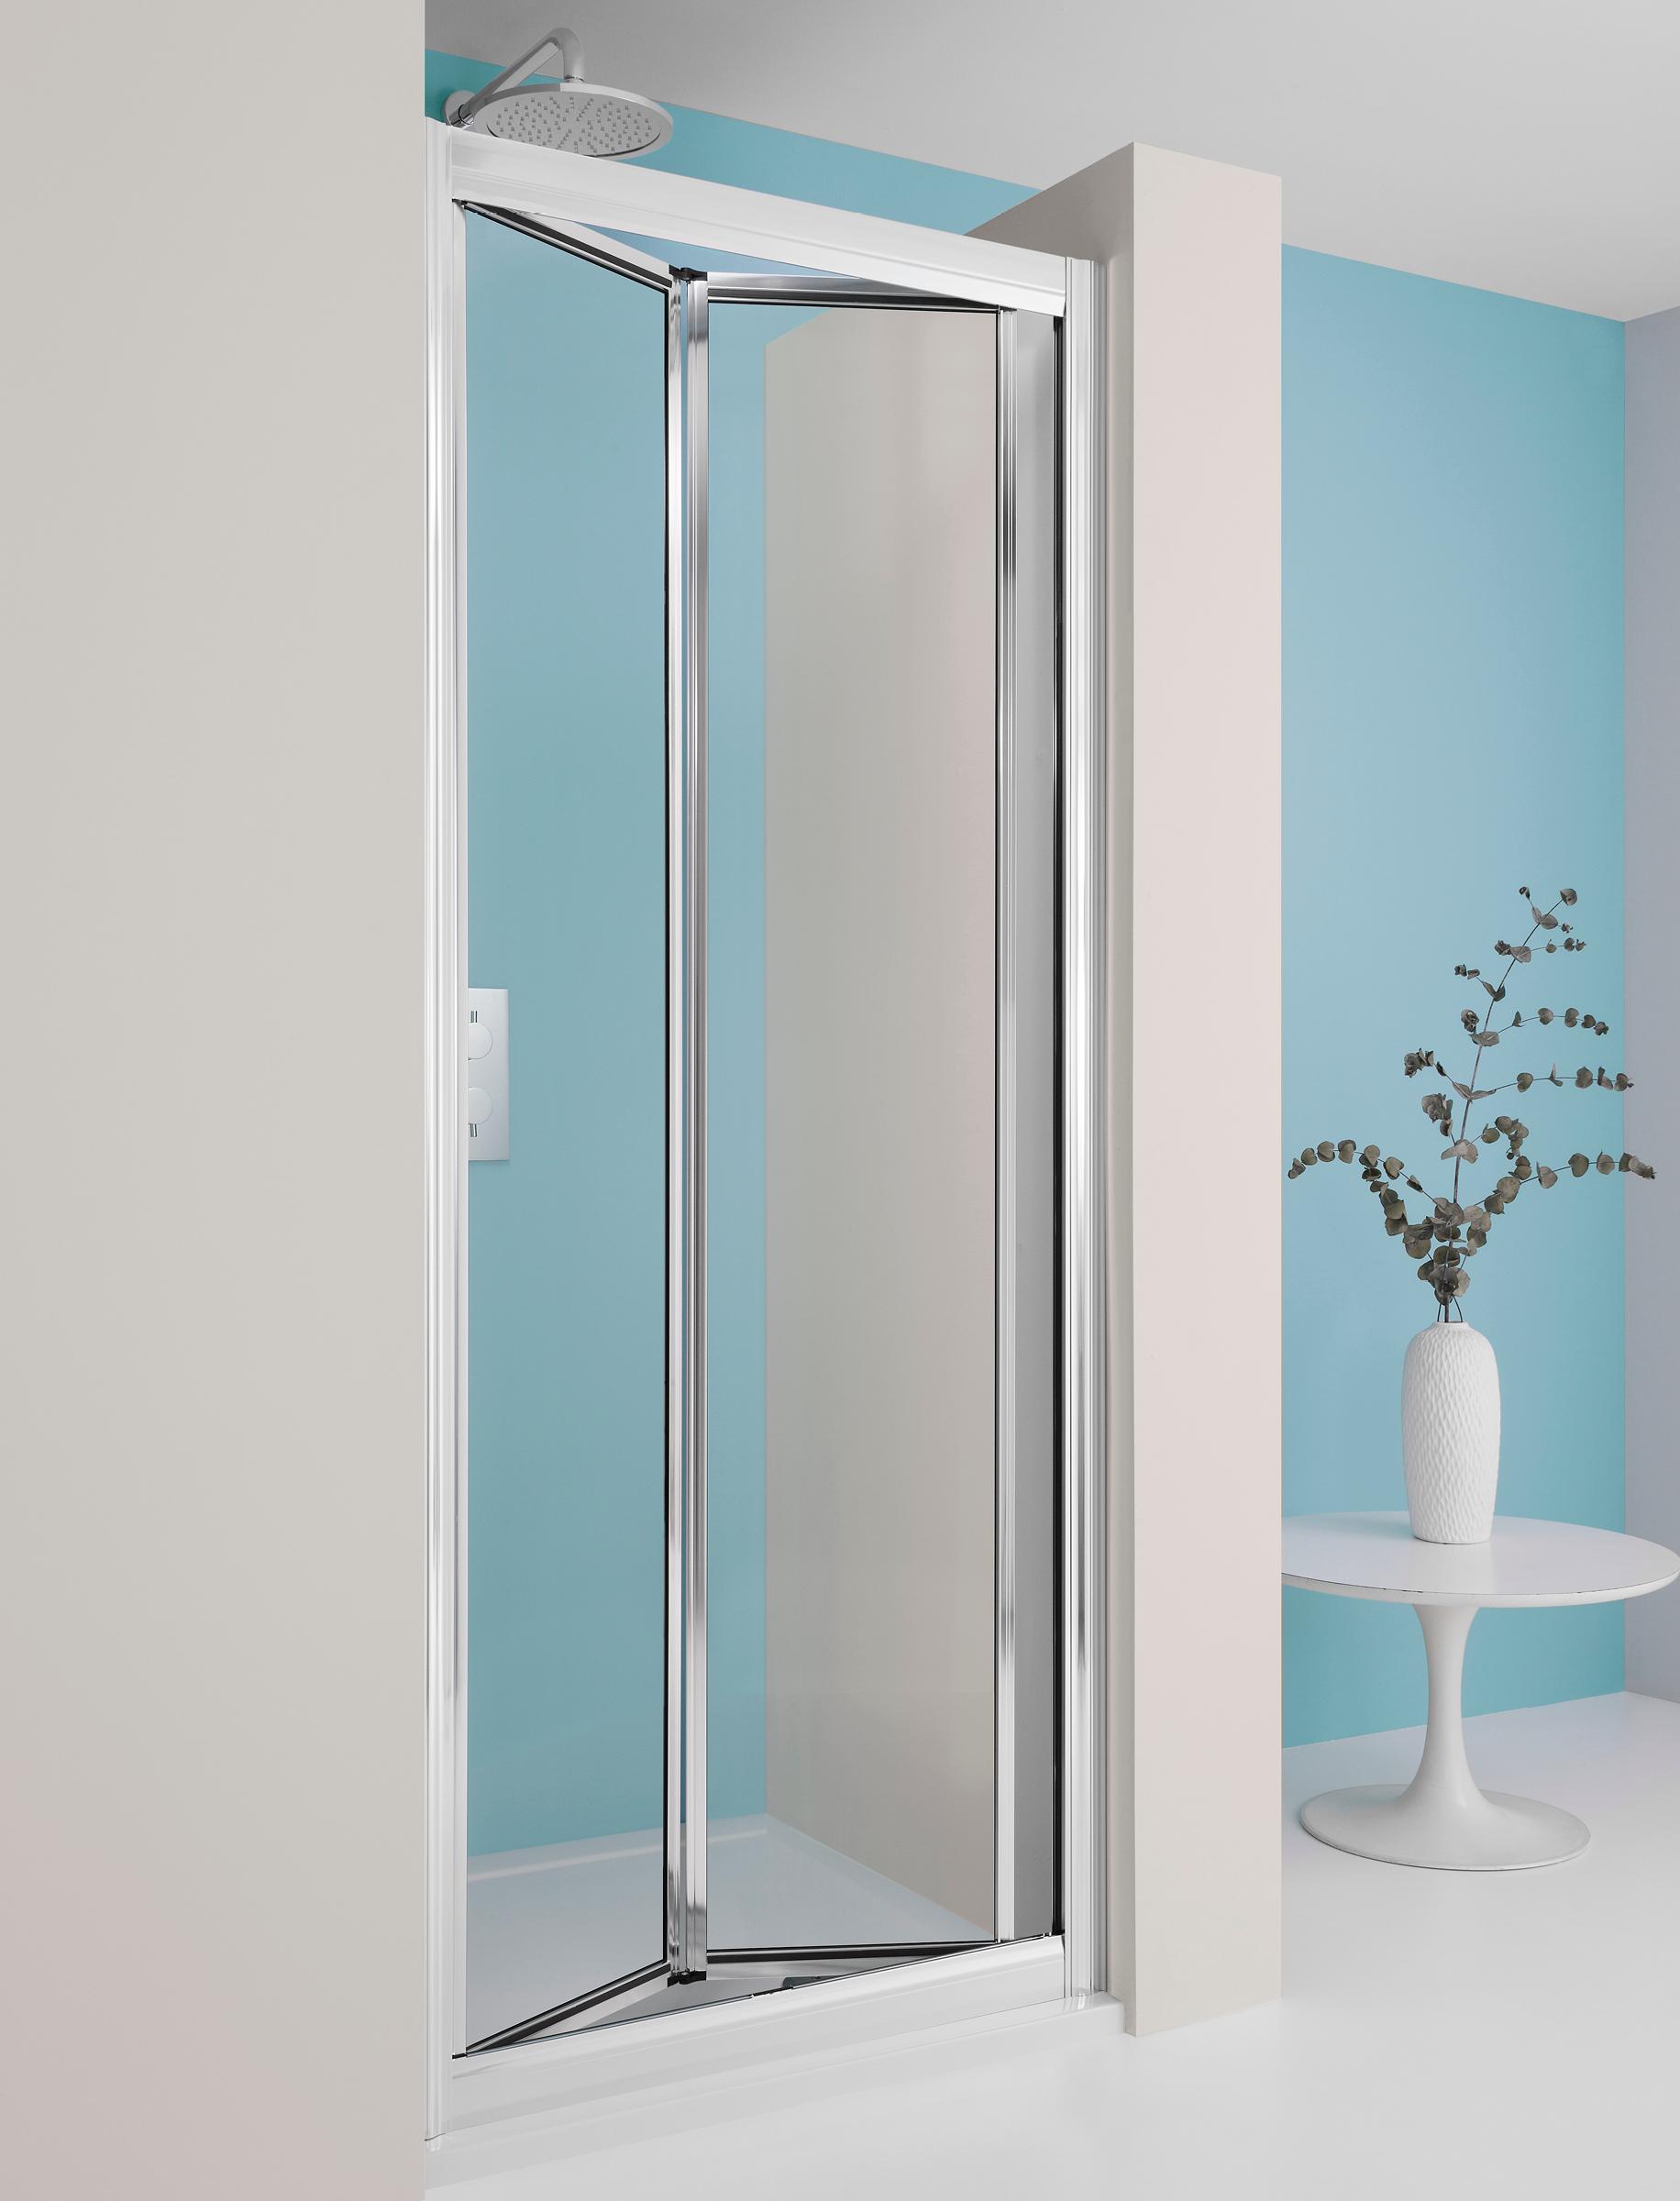 Bi fold shower door will give your bathroom an upscale look bath - 24003981195177161832 Supreme Bifold Shower Door In Bifold Door Luxury Bathrooms Uk 3c878f Bifold Door For